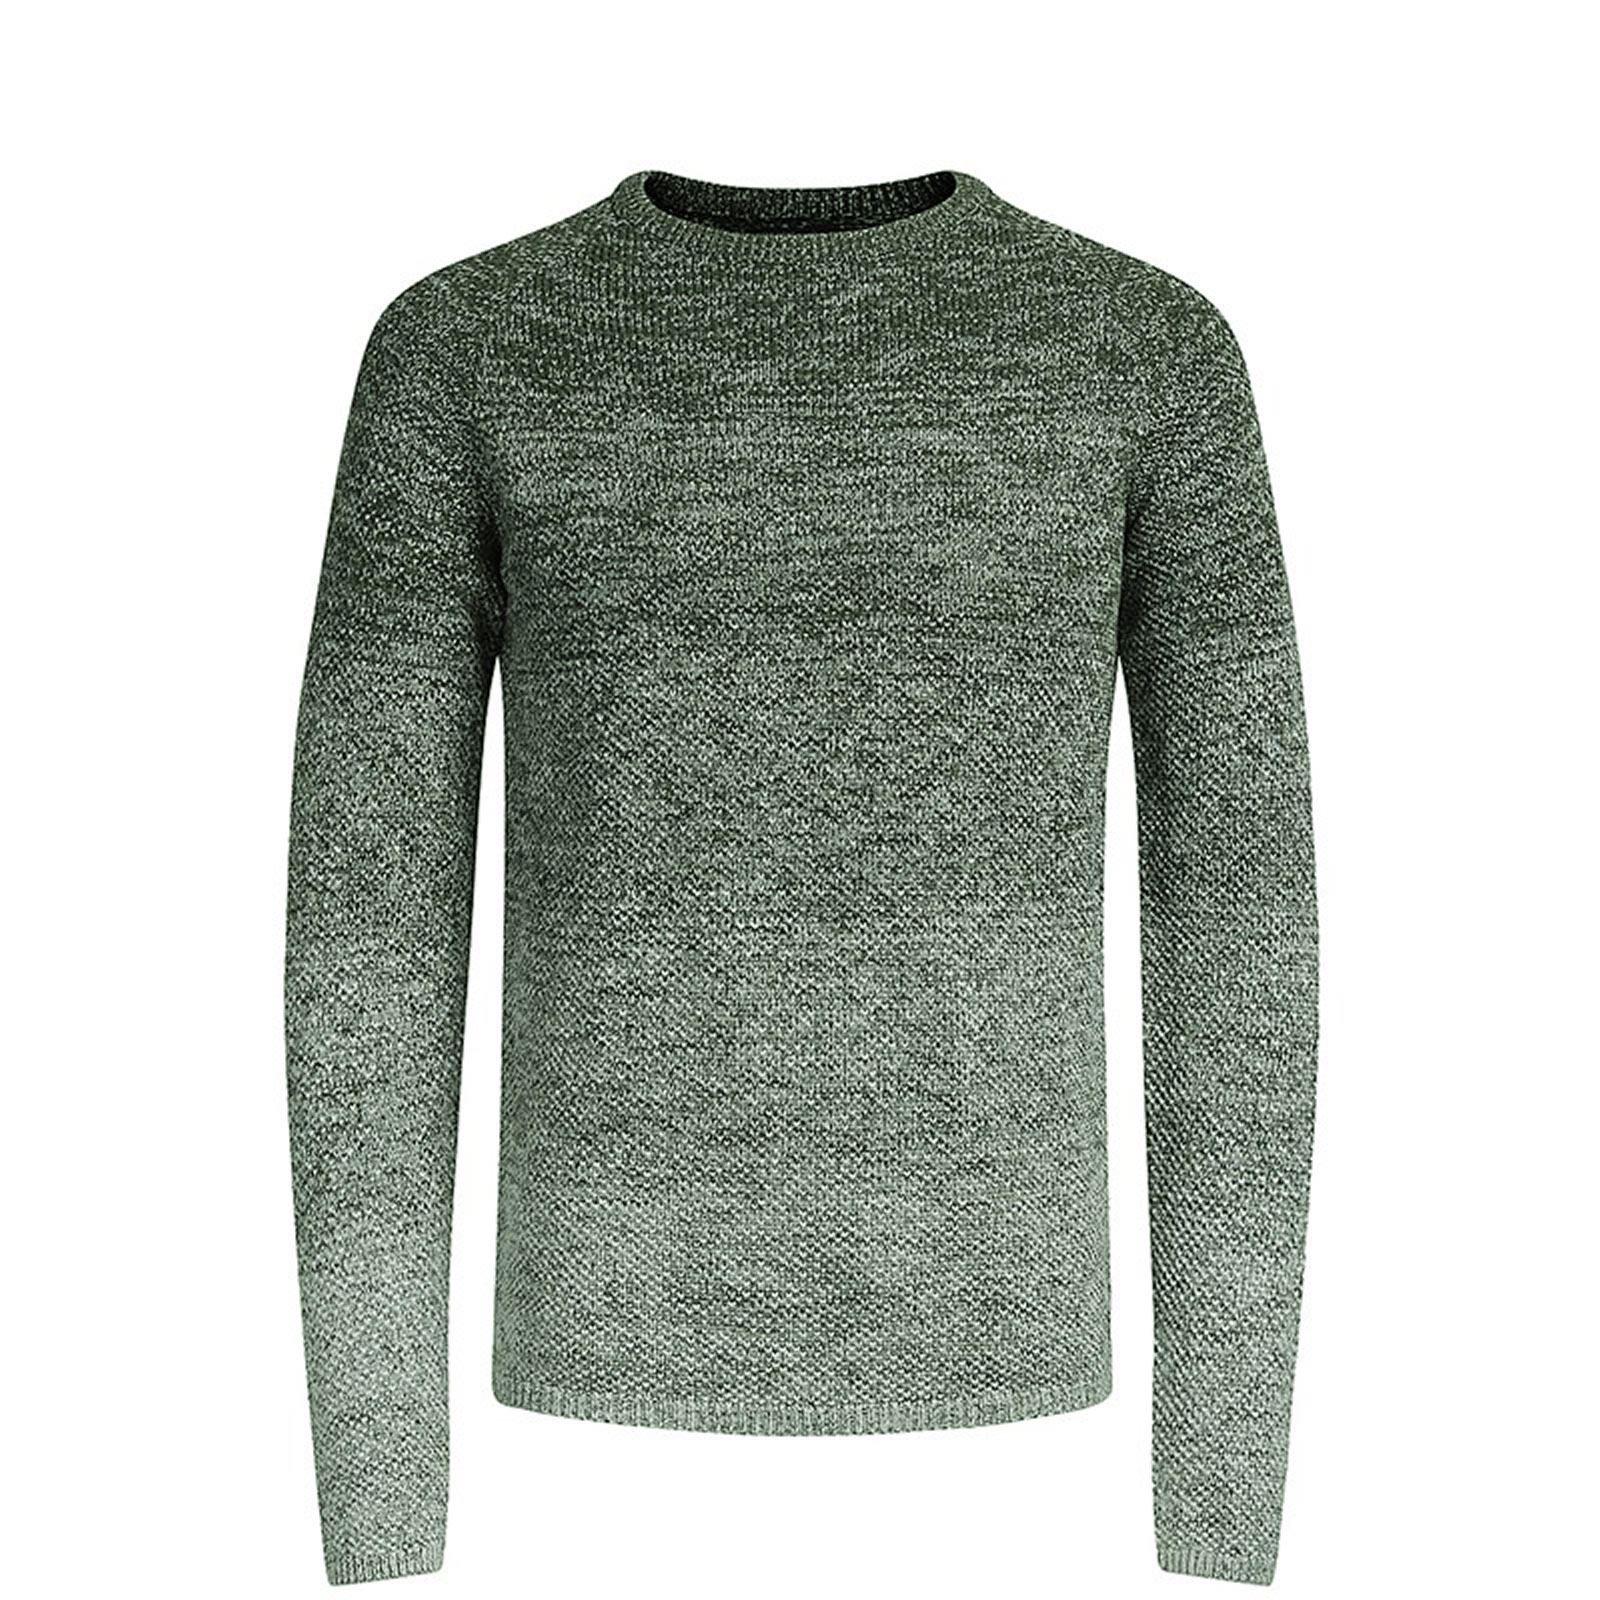 JACK-amp-JONES-CARBURANTE-Maglione-da-Uomo-Lavorato-a-Maglia-Girocollo-Pullover-sweater miniatura 3